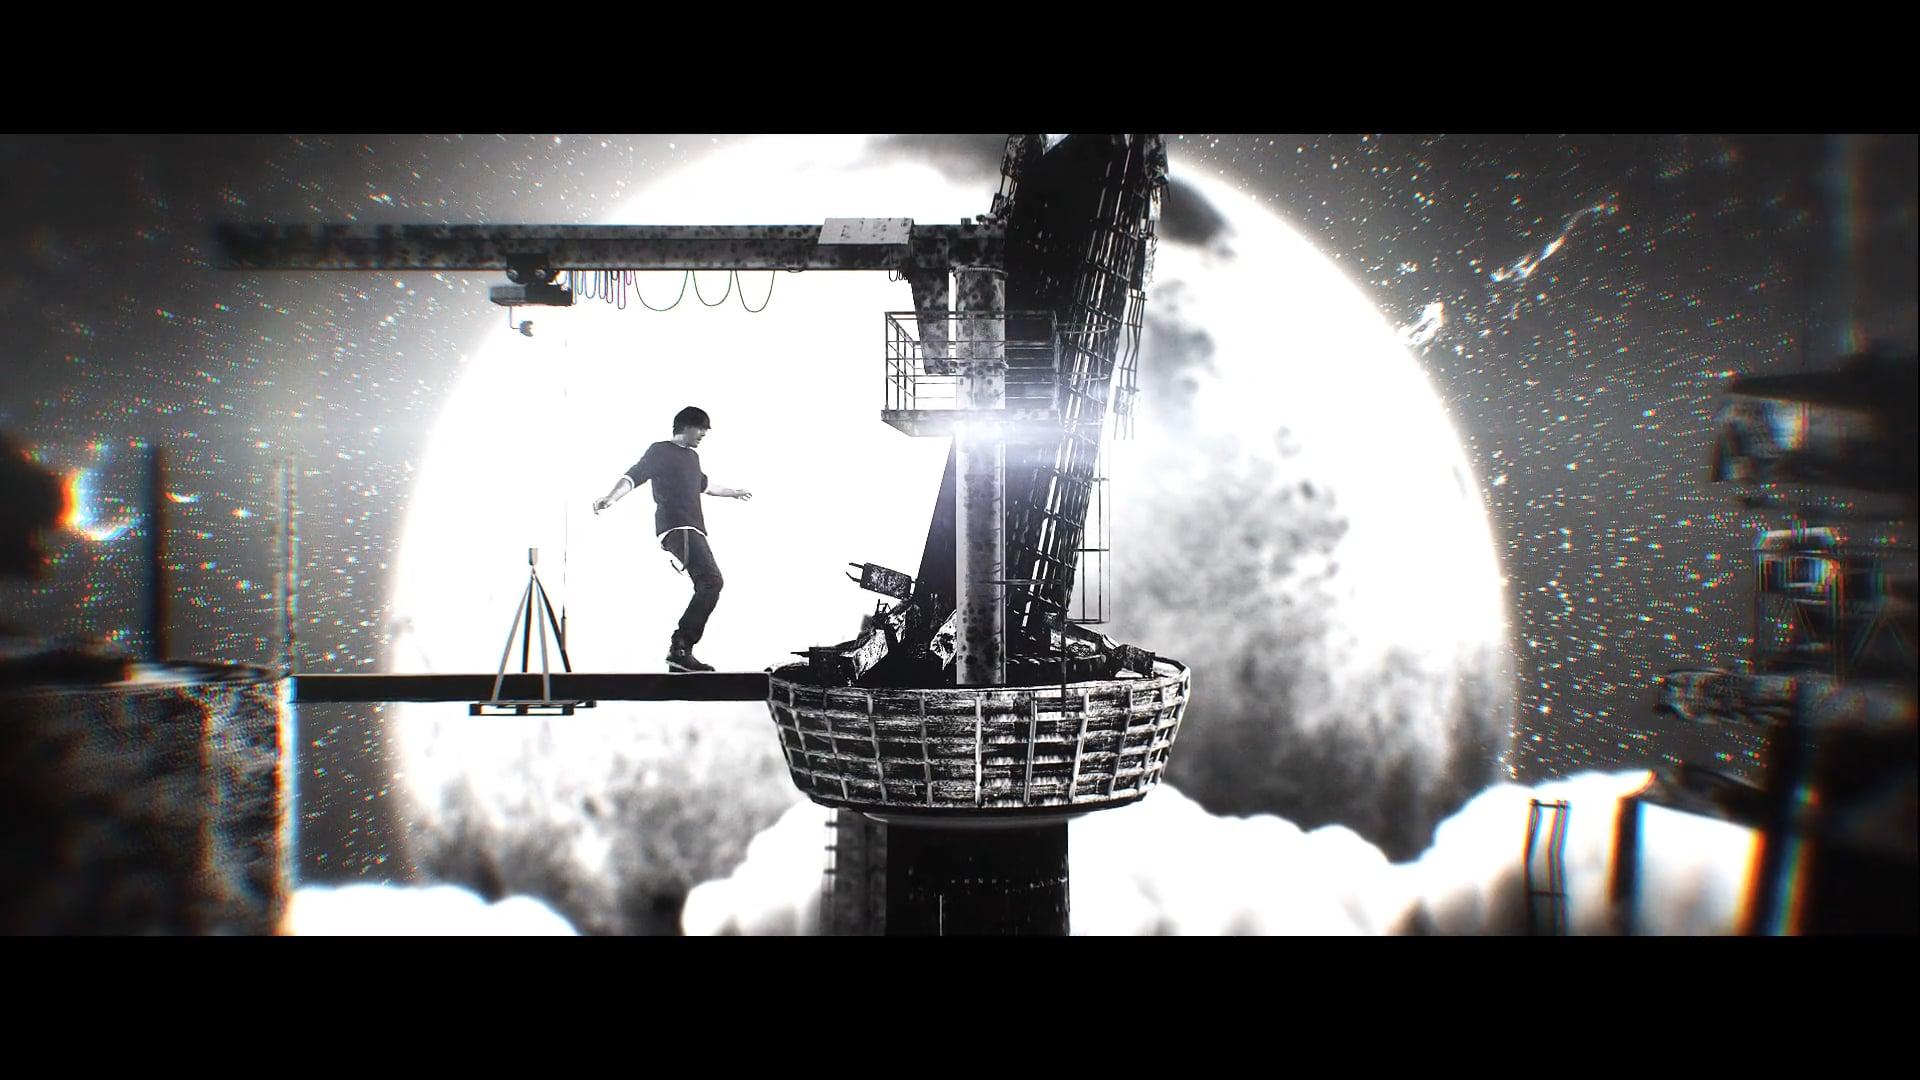 Musikvideo - Adrian Stern - Songs wo mir liebed